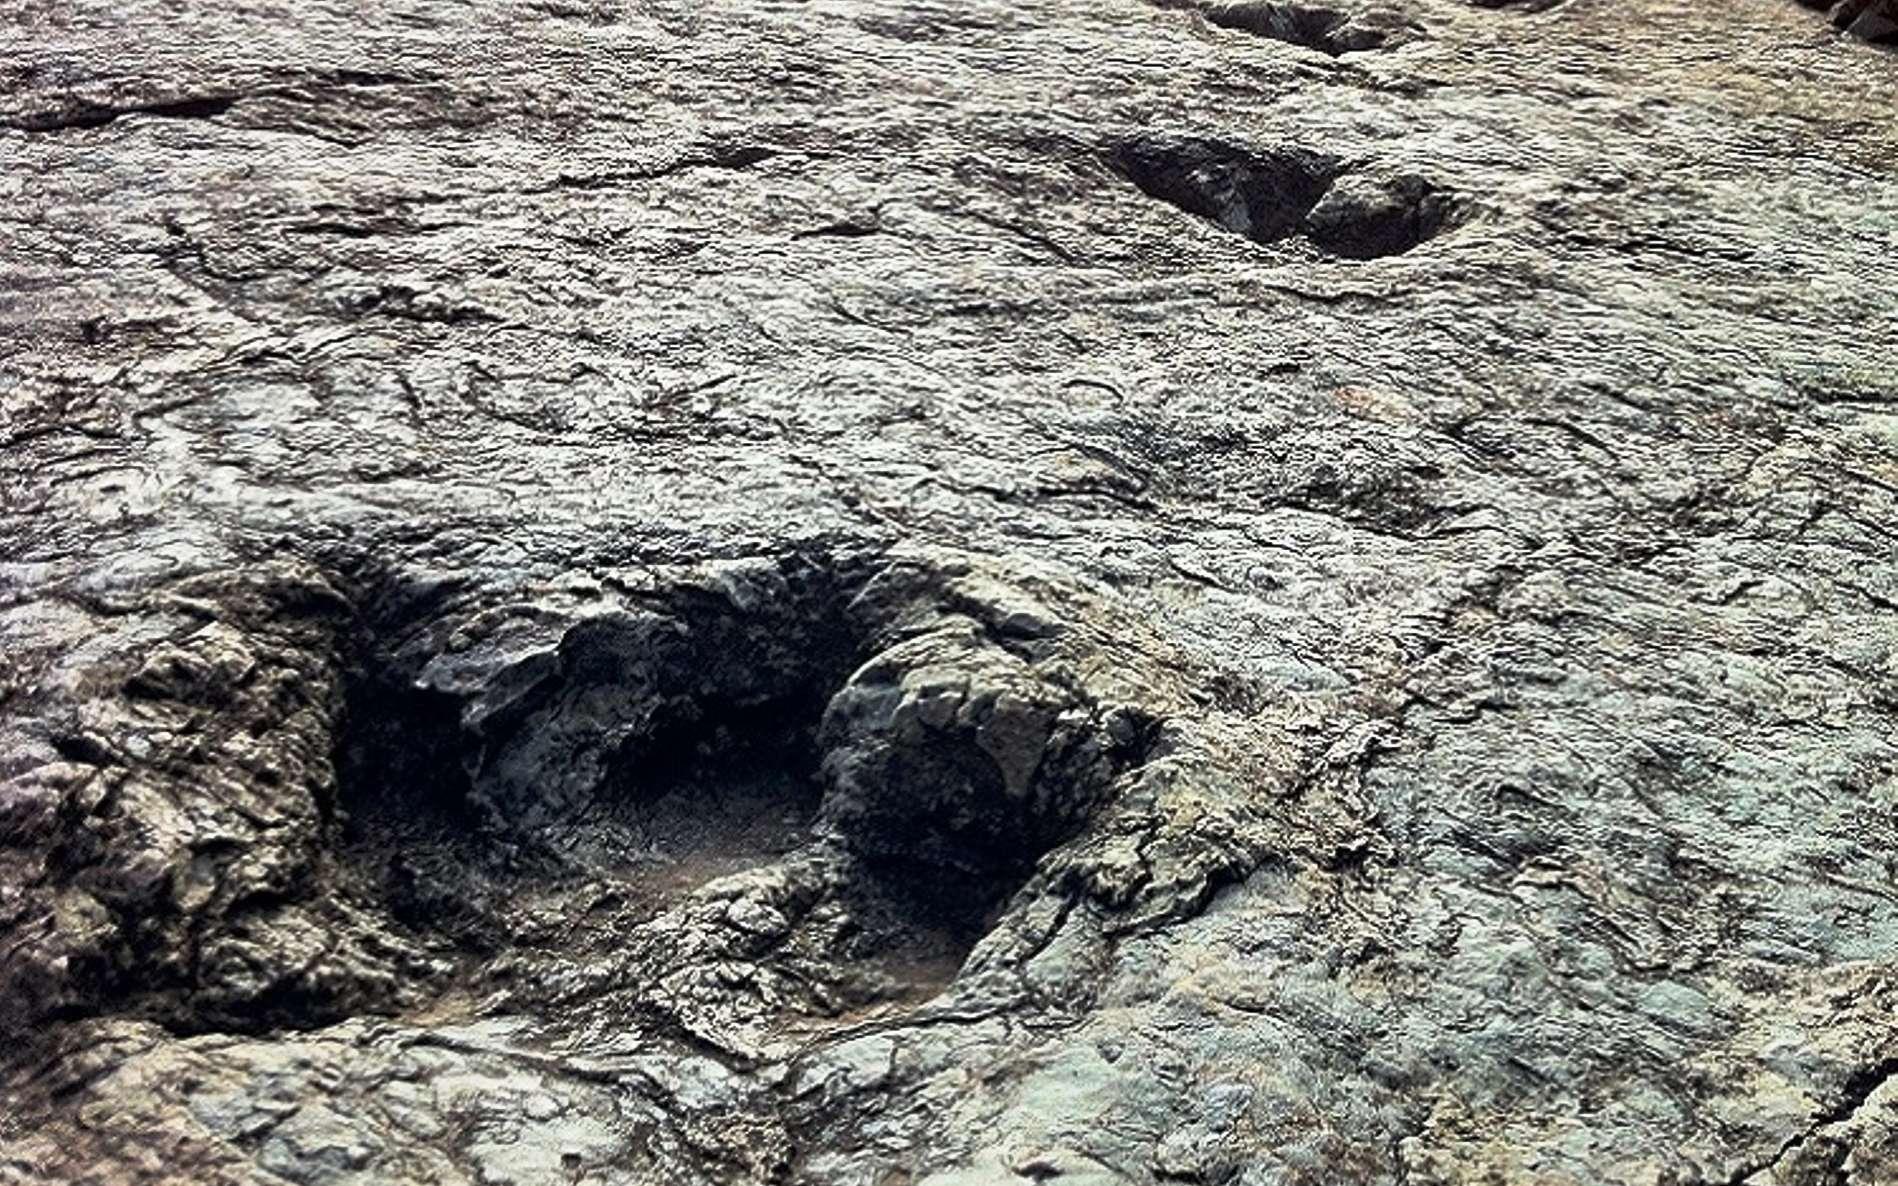 Les empreintes de dinosaures datant du Crétacé supérieur sont très communes près de la capitale administrative de la Bolivie, Sucre. Celles montrées sur cette photo proviennent du site de Niñu Mayu, voisin de celui où vient d'être trouvée une empreinte de pas d'un abélisaure. © www.sucrelife.com